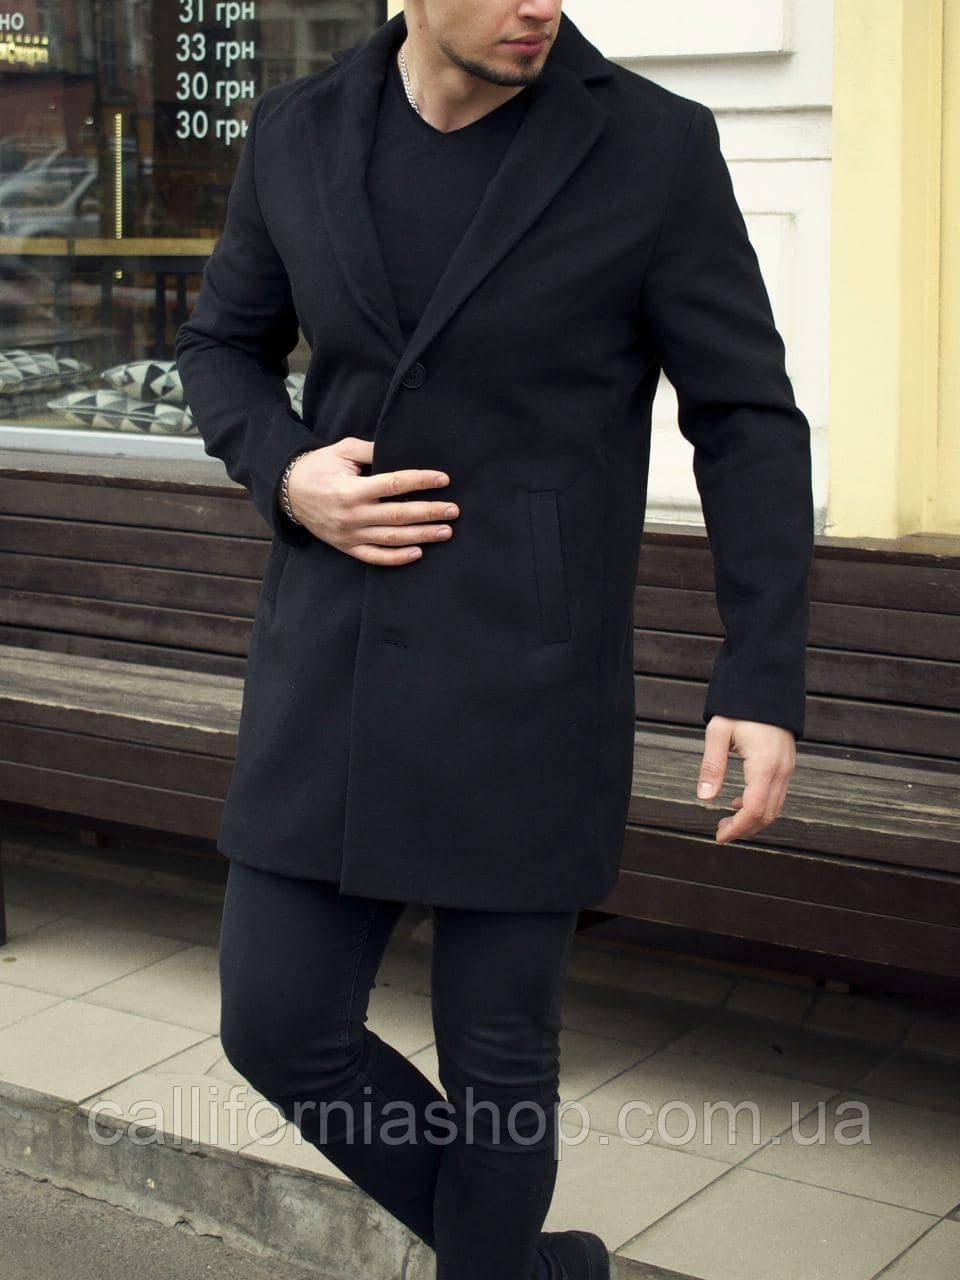 Пальто мужское классическое кашемировое черного цвета длинное демисезонное